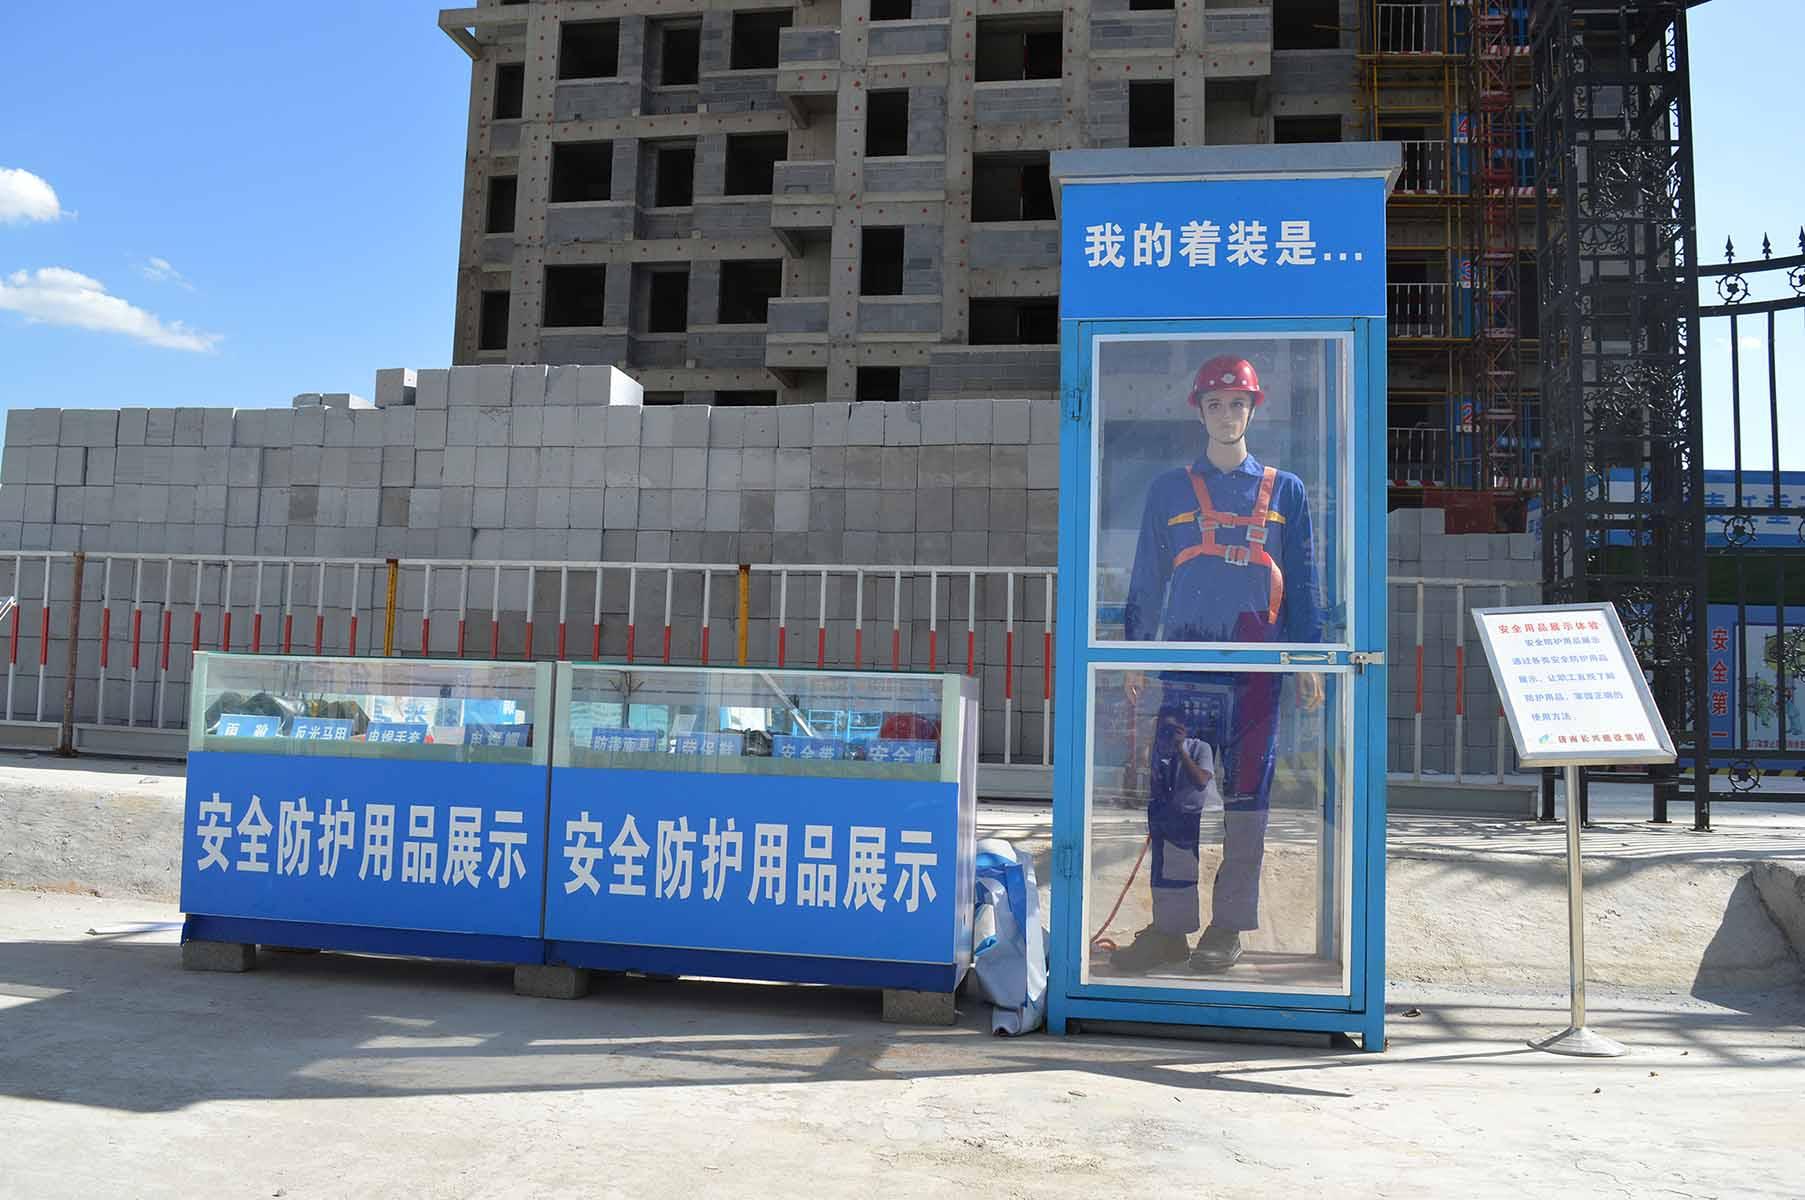 安全防护用品厂家 山东报价合理的安全防护用品批发